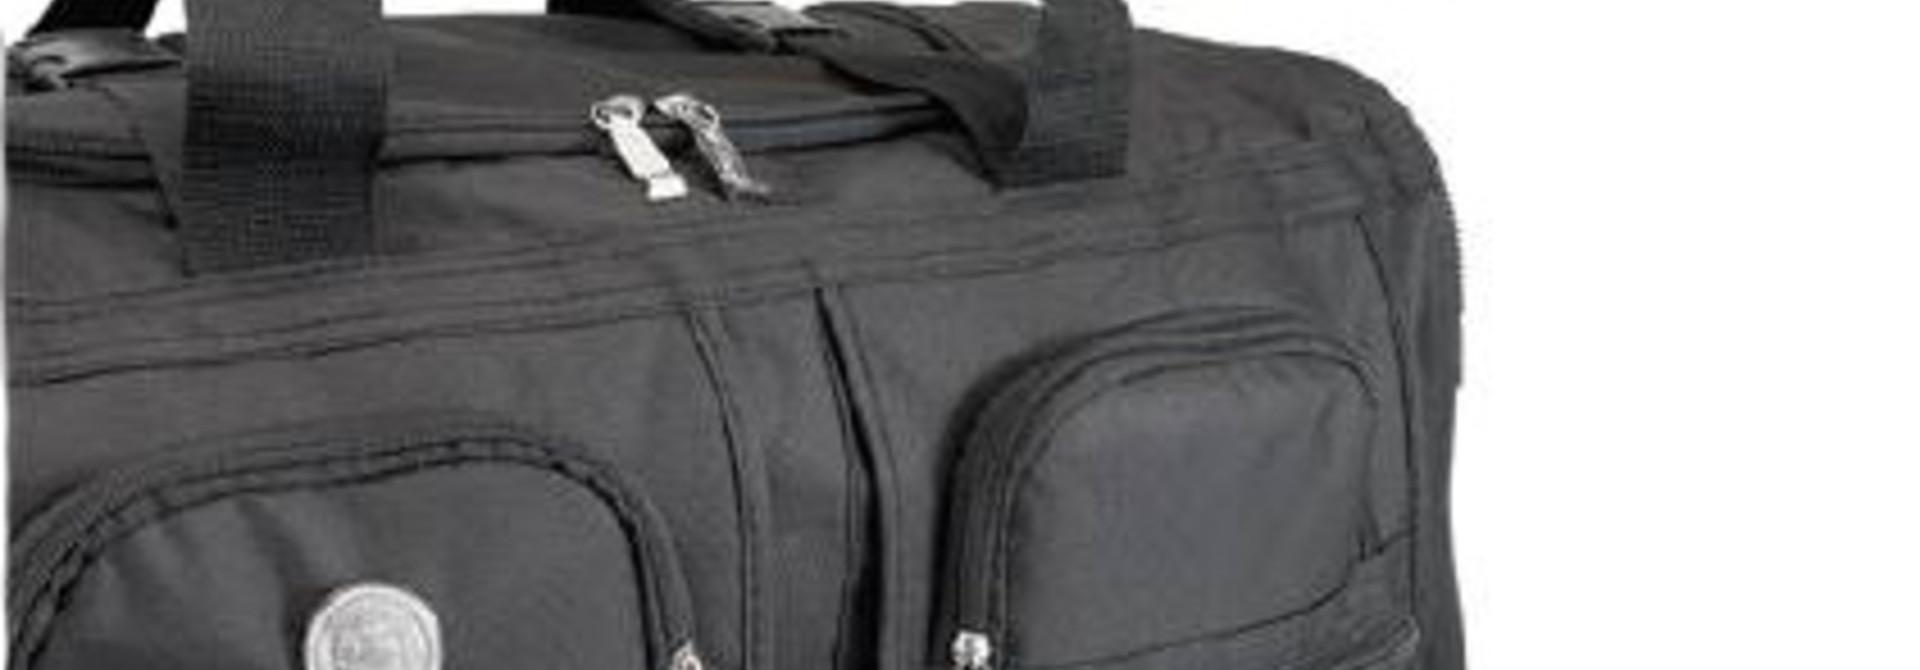 Roller bag*